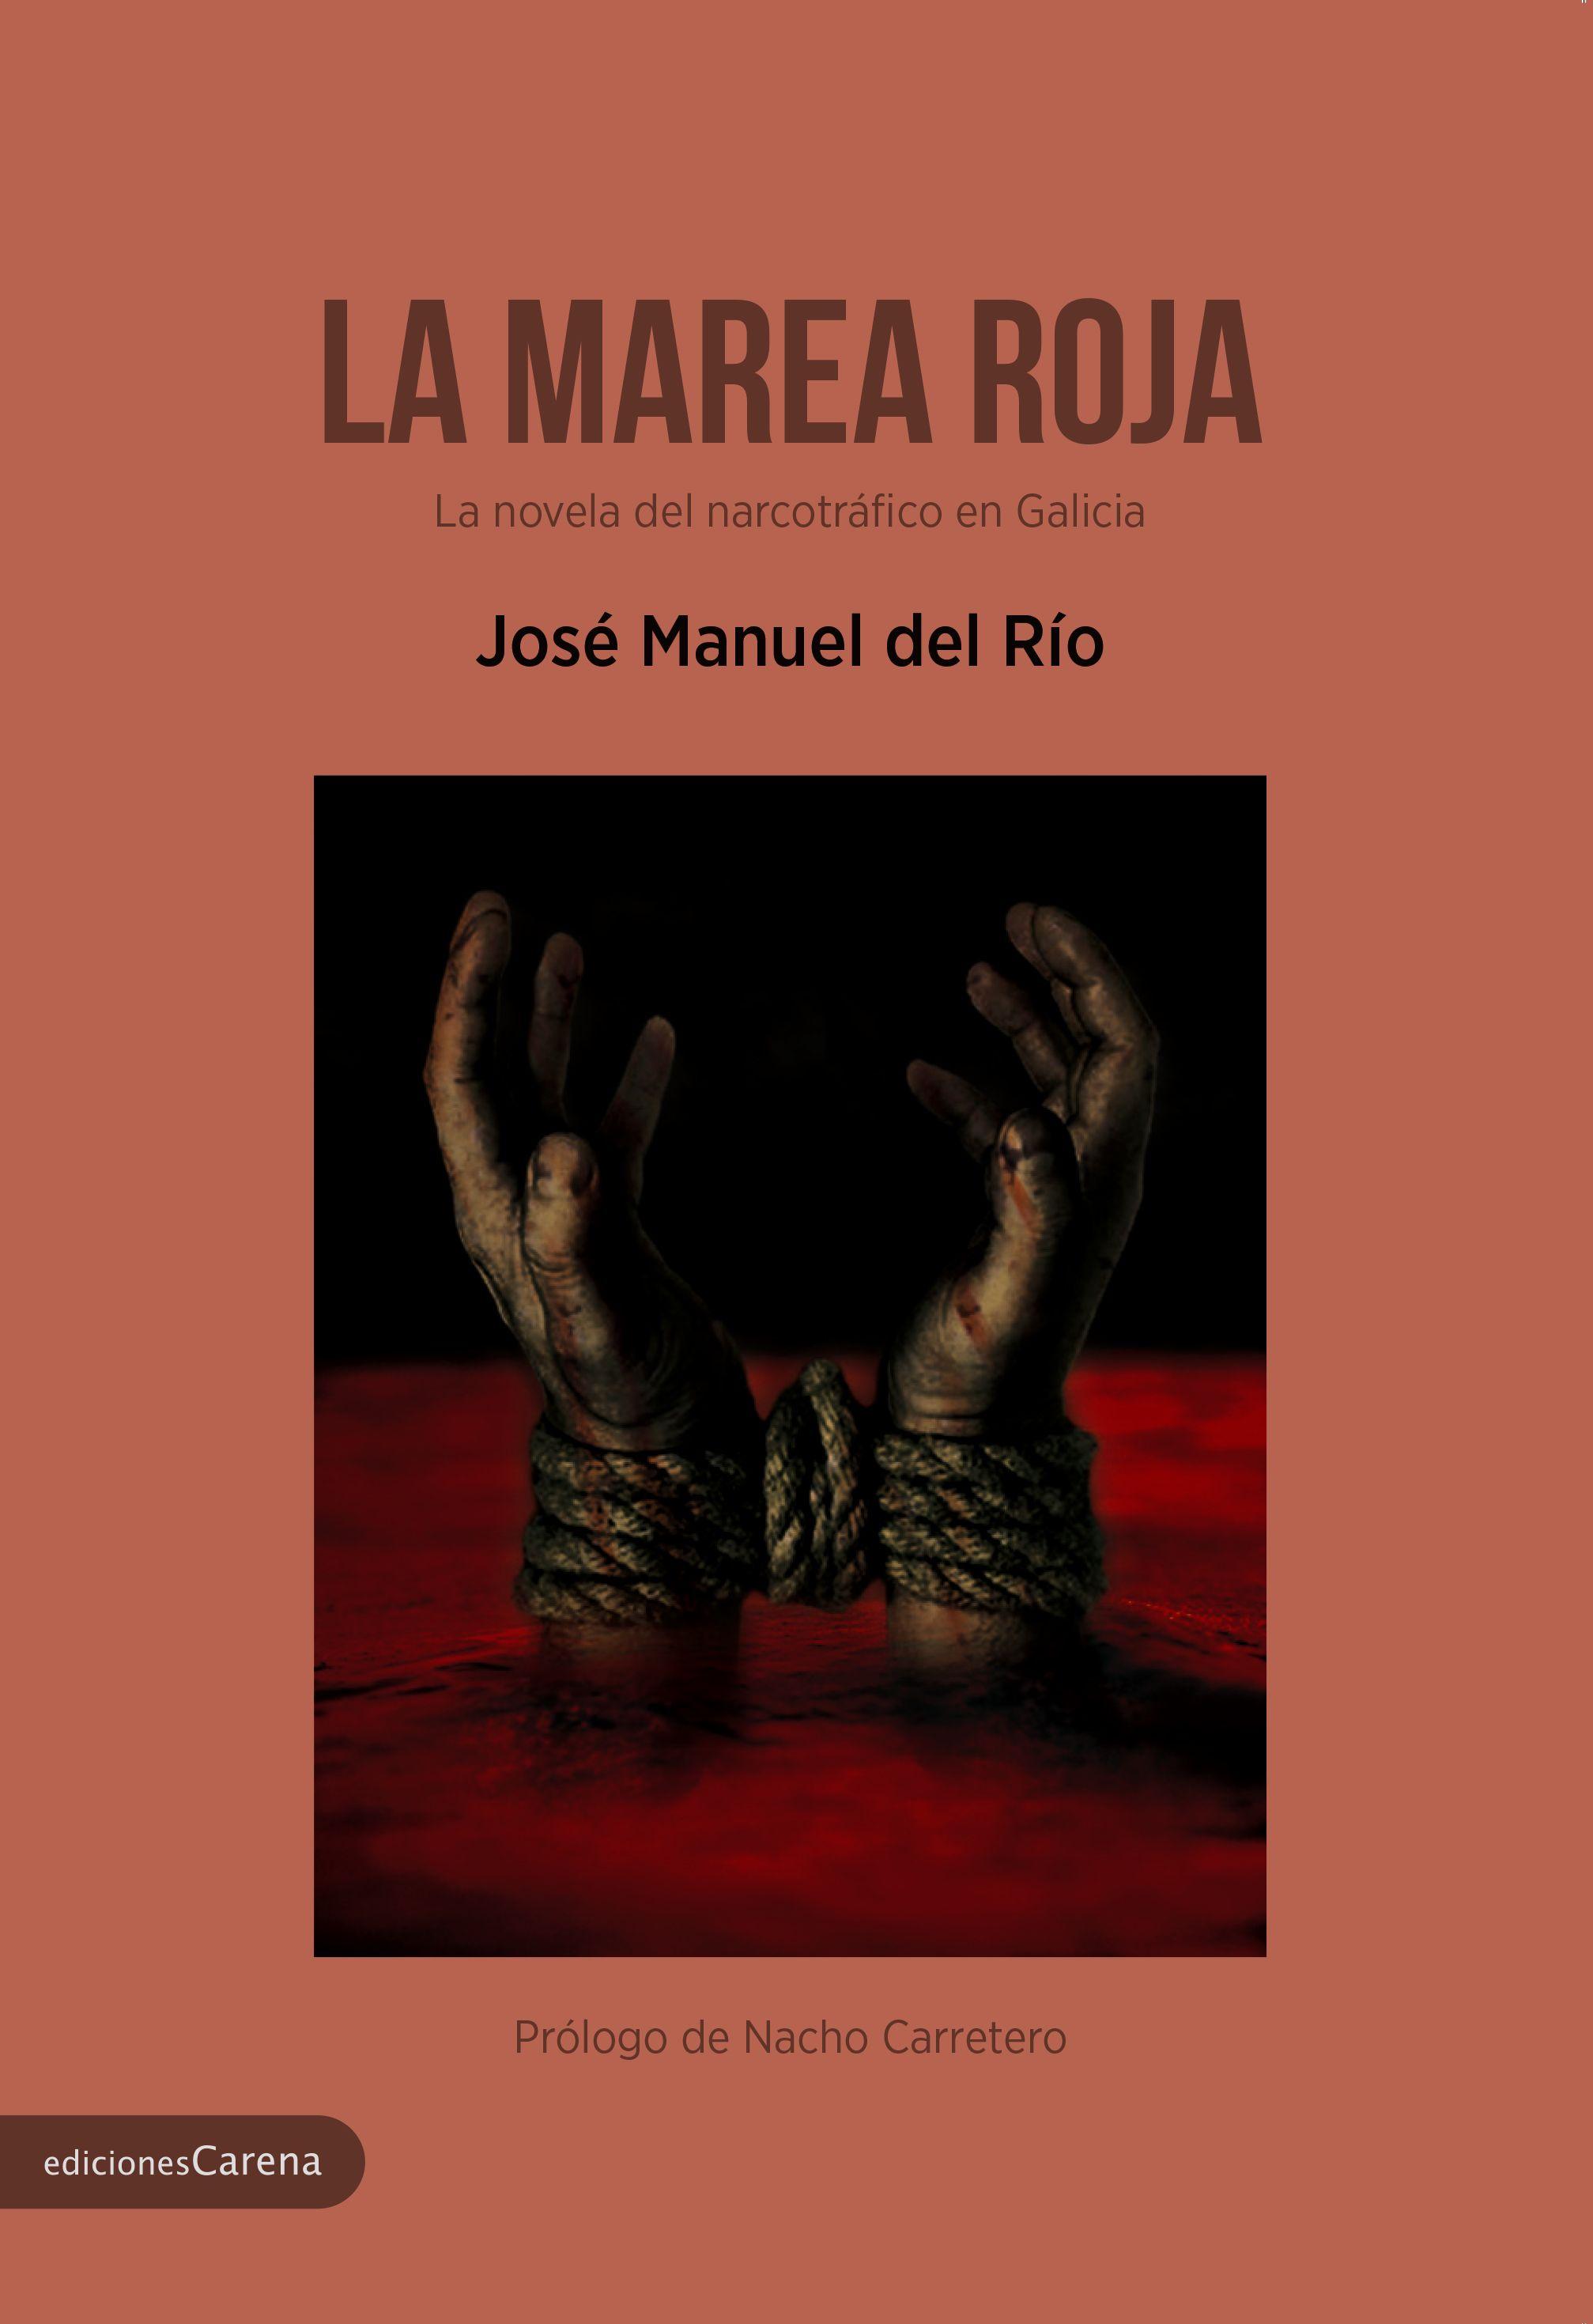 Fotografia 'La marea roja', de José Manuel del Río. Ediciones